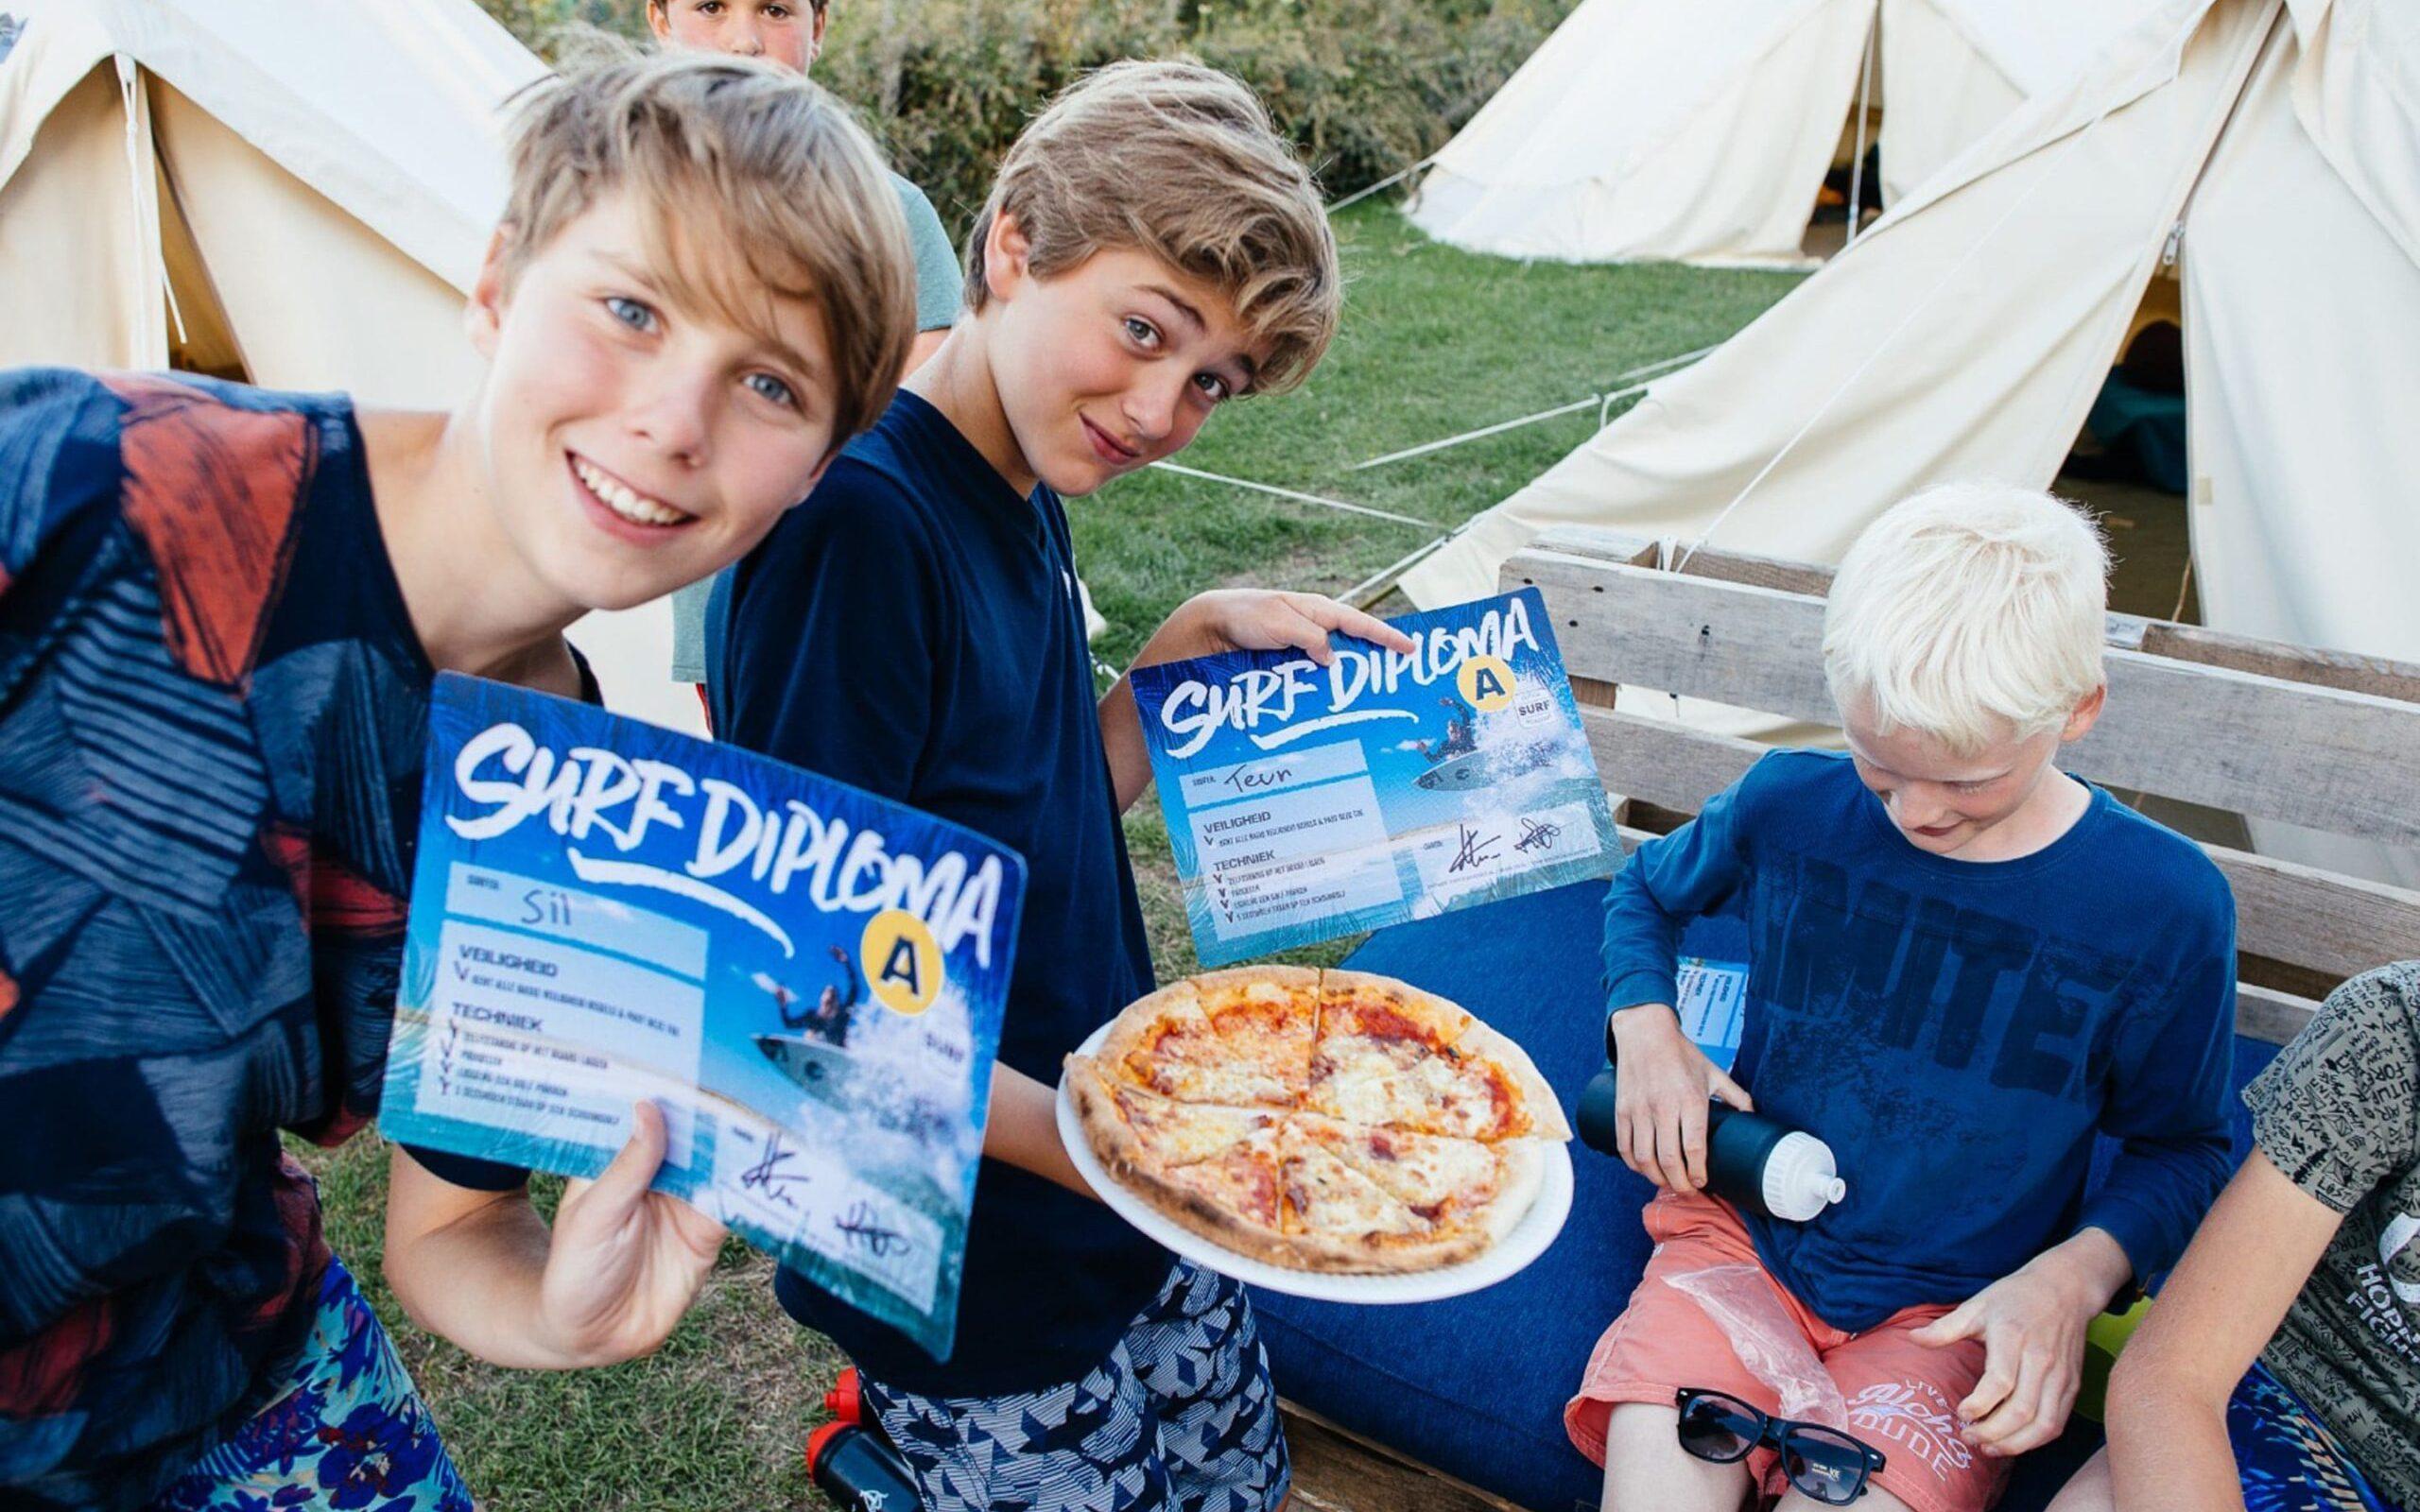 Kinderen surfdiploma pizza